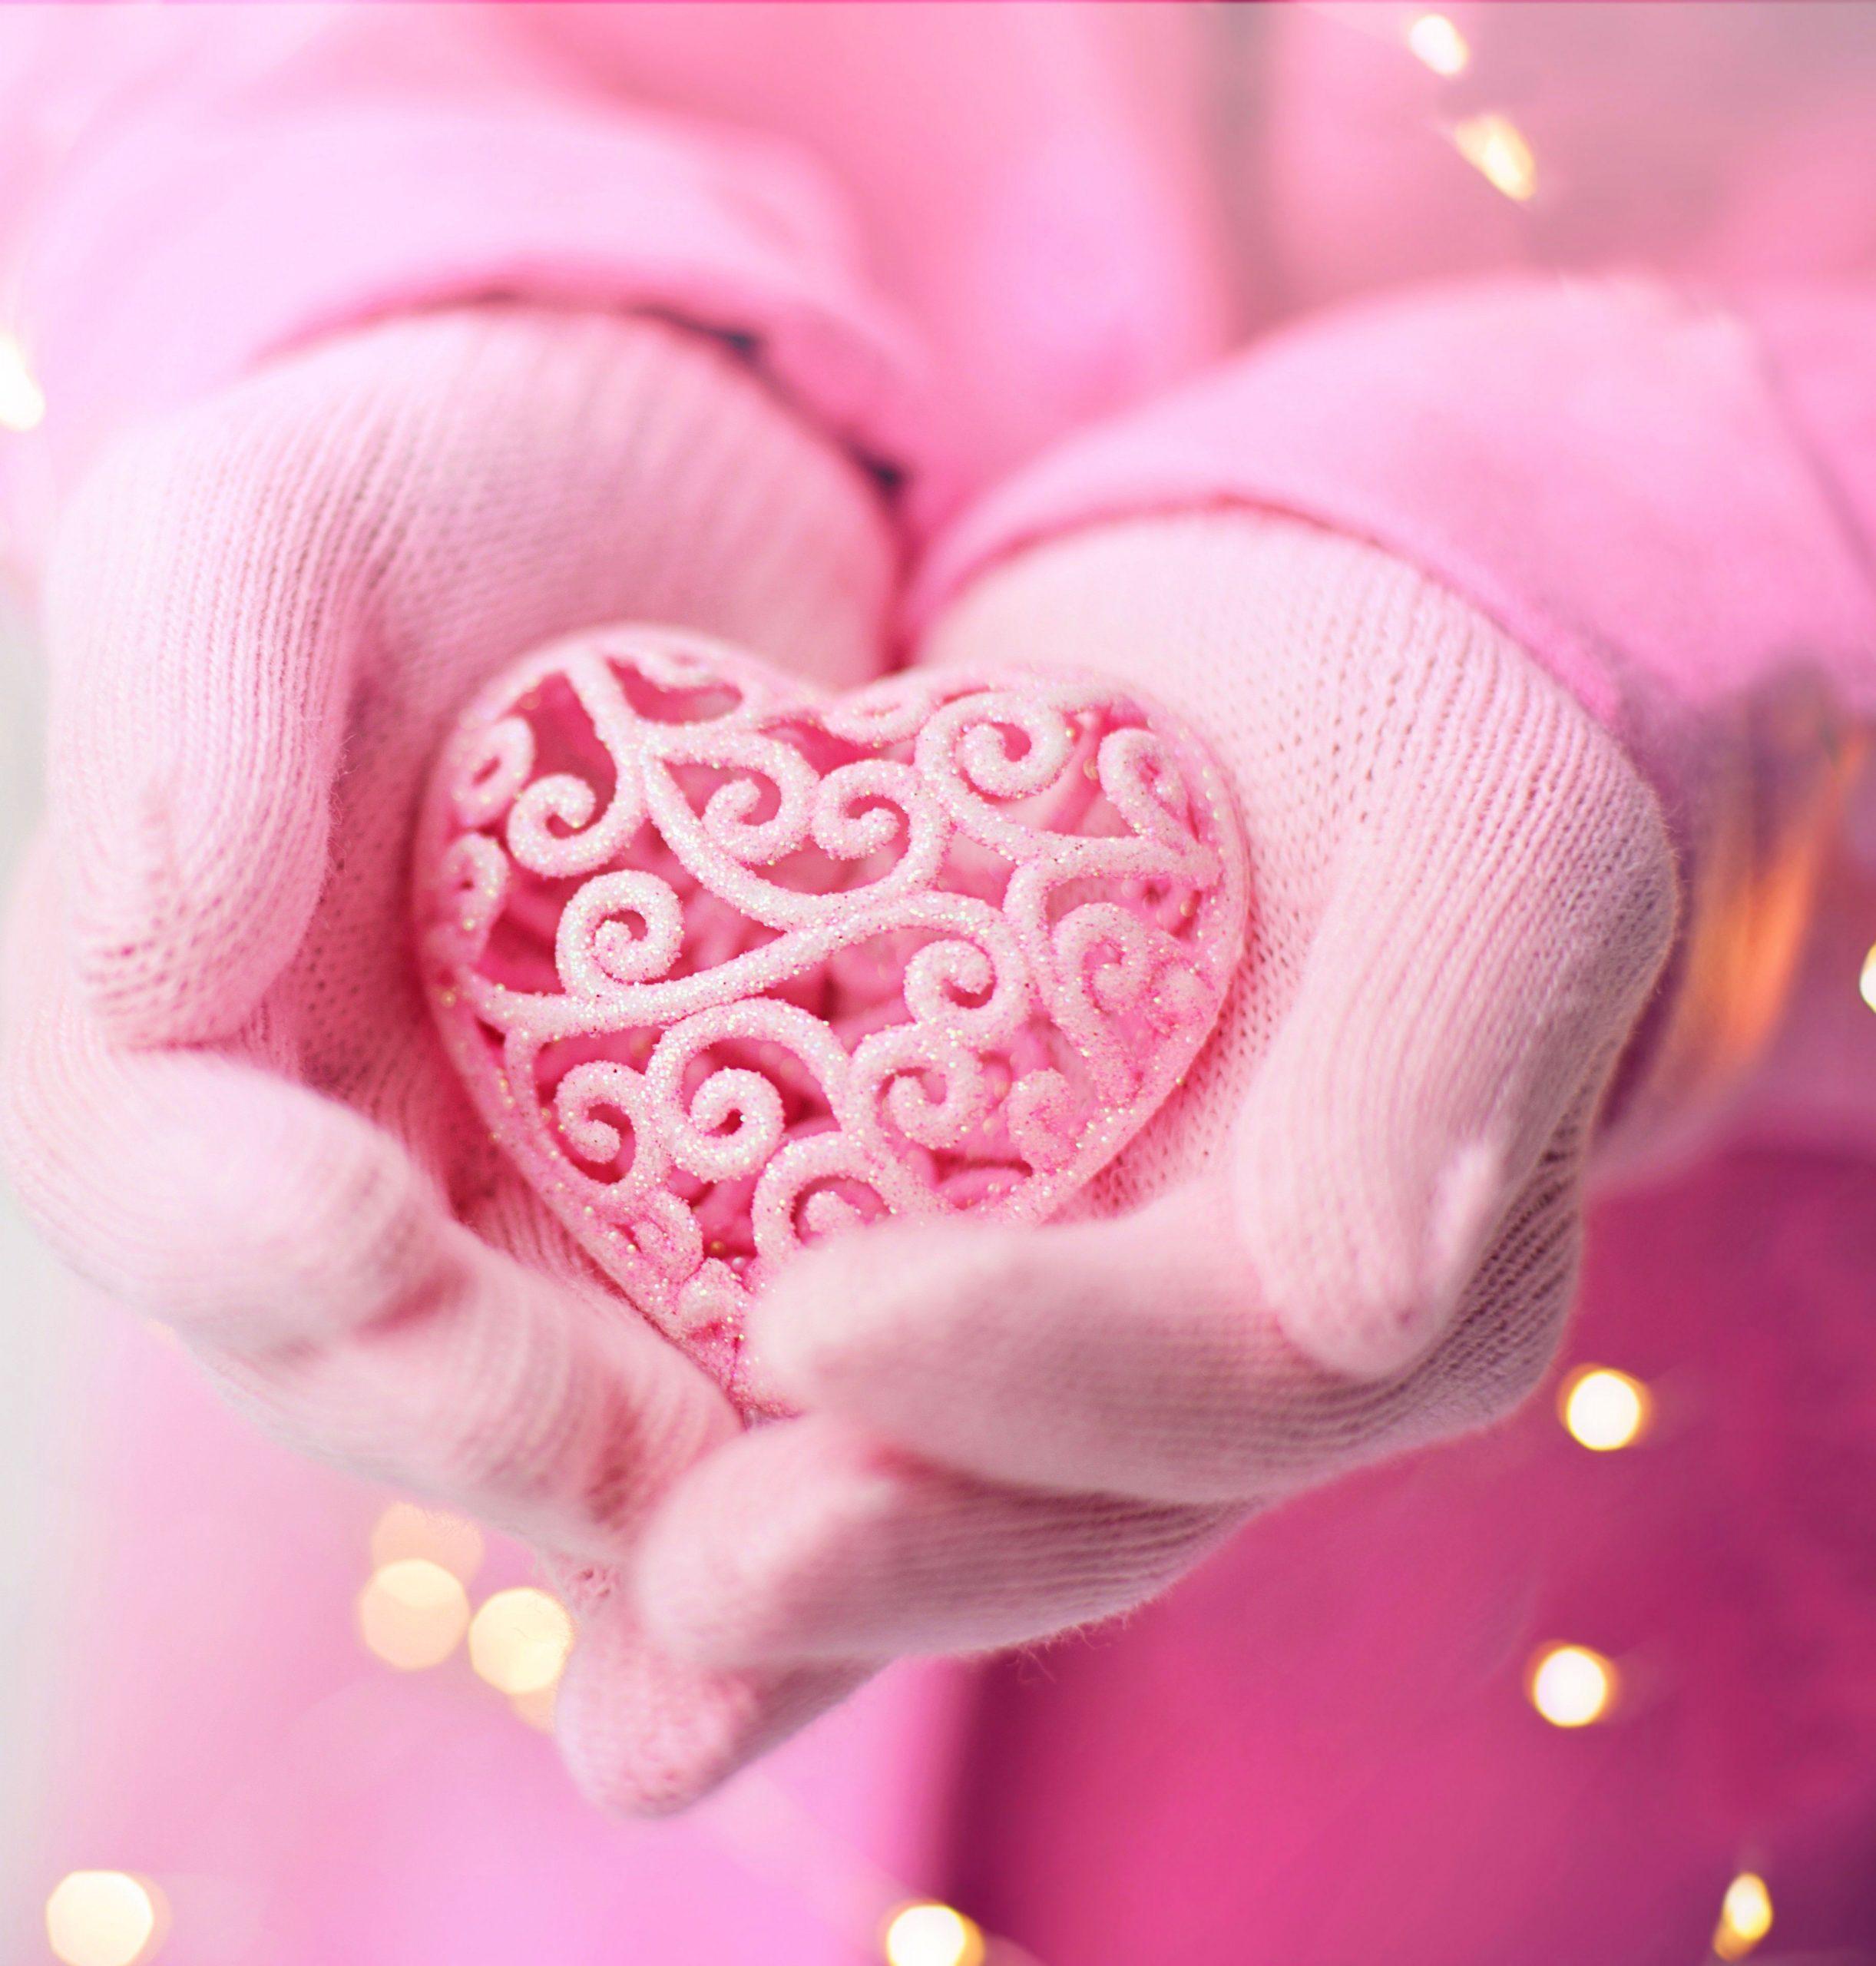 pink Latest Girlfriend Whatsapp Profile Images photo